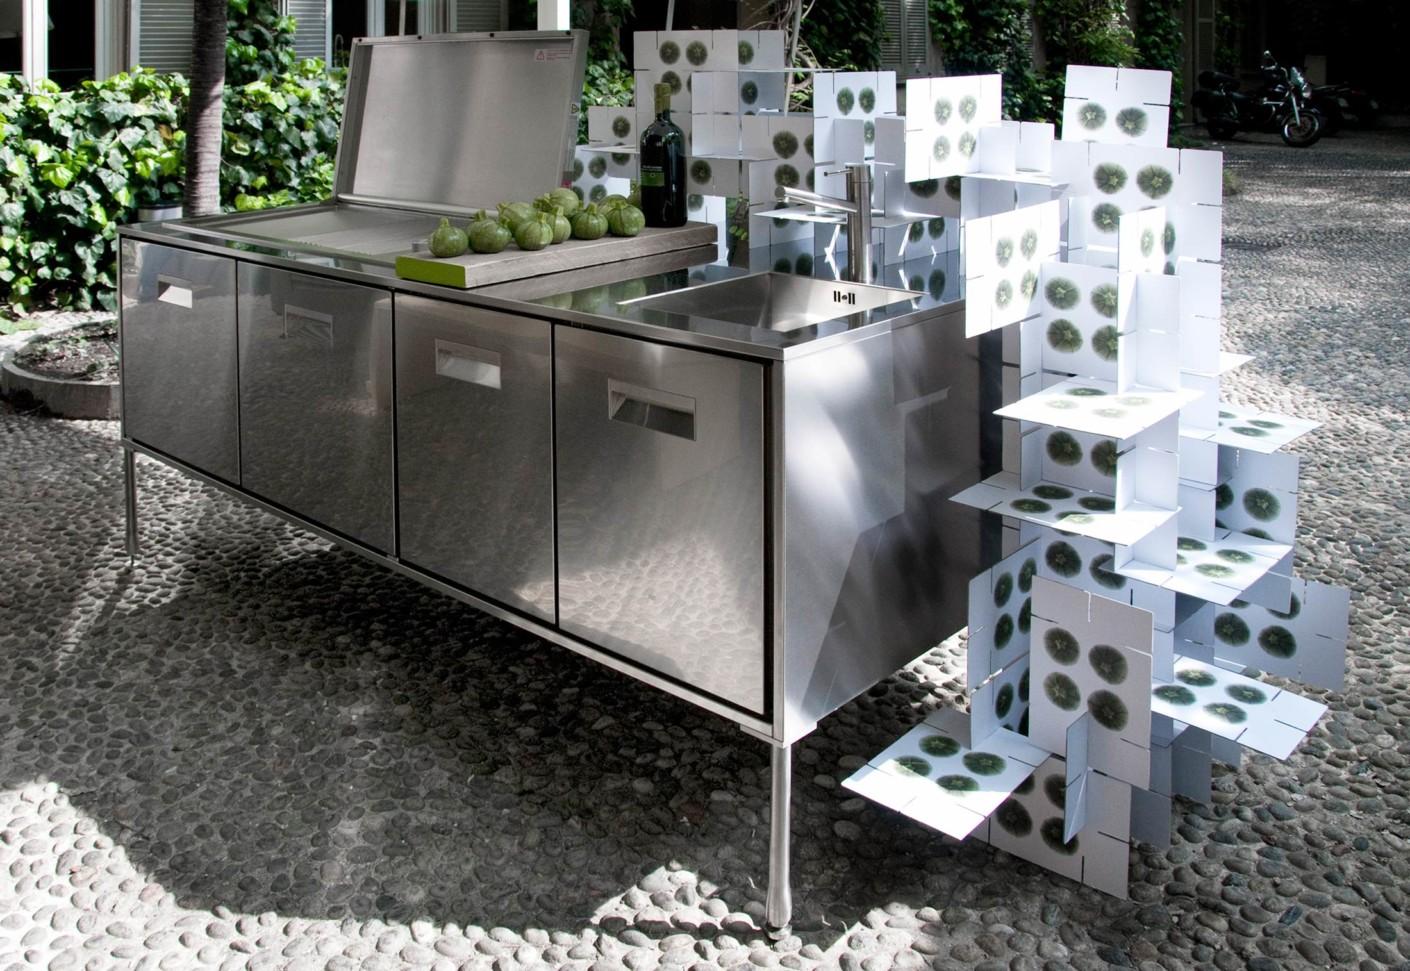 Die Neue Outdoor Küche Buch : Die neue outdoor küche buch neue ideen für die strickliesel